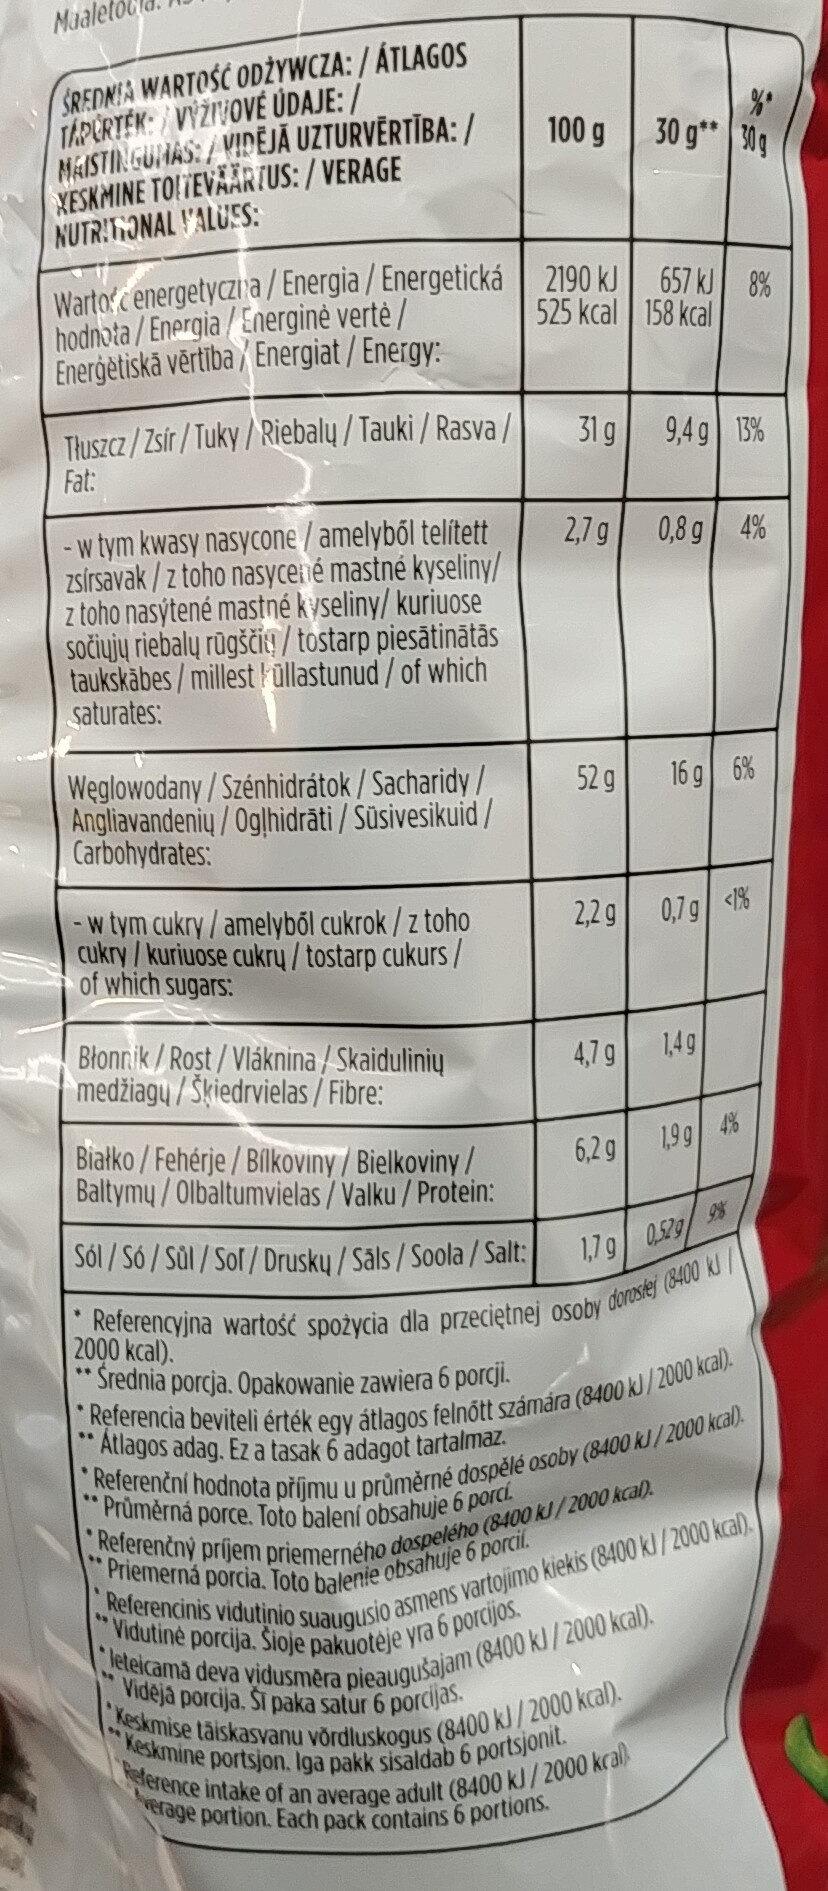 Chipsy ziemniaczane o smaku papryki. - Wartości odżywcze - pl